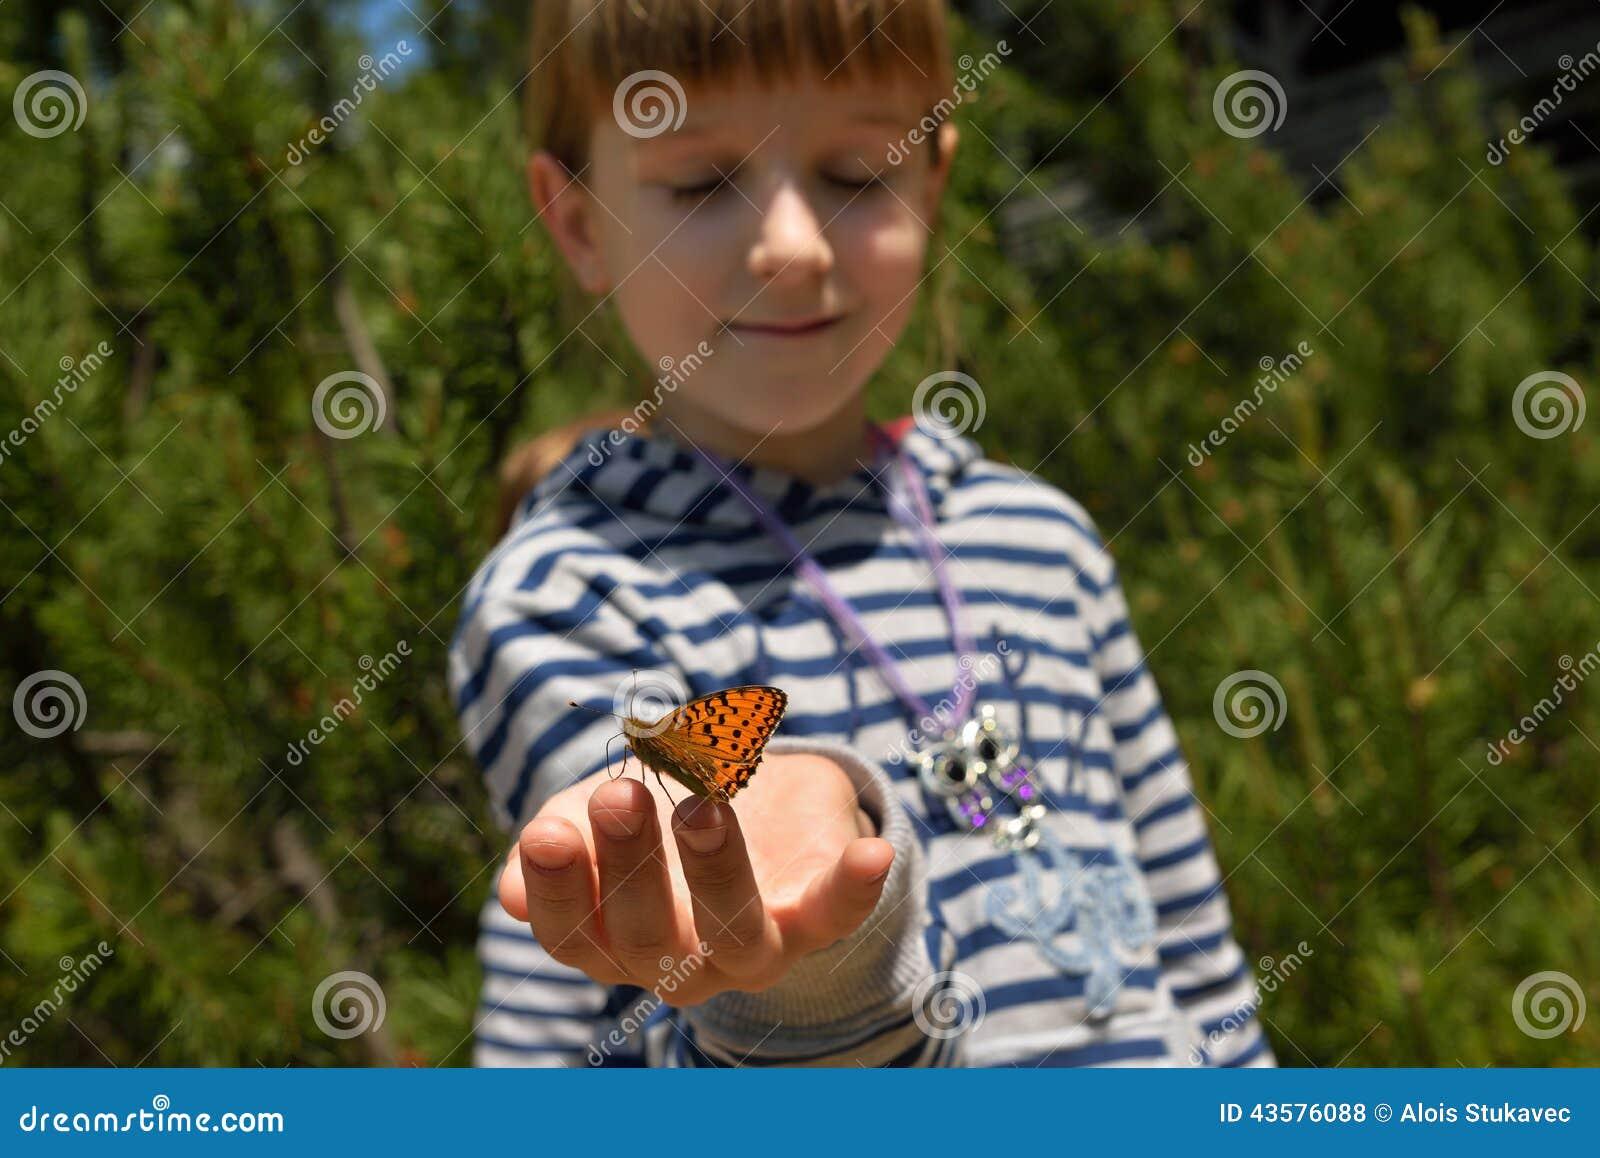 Flicka med en fjäril